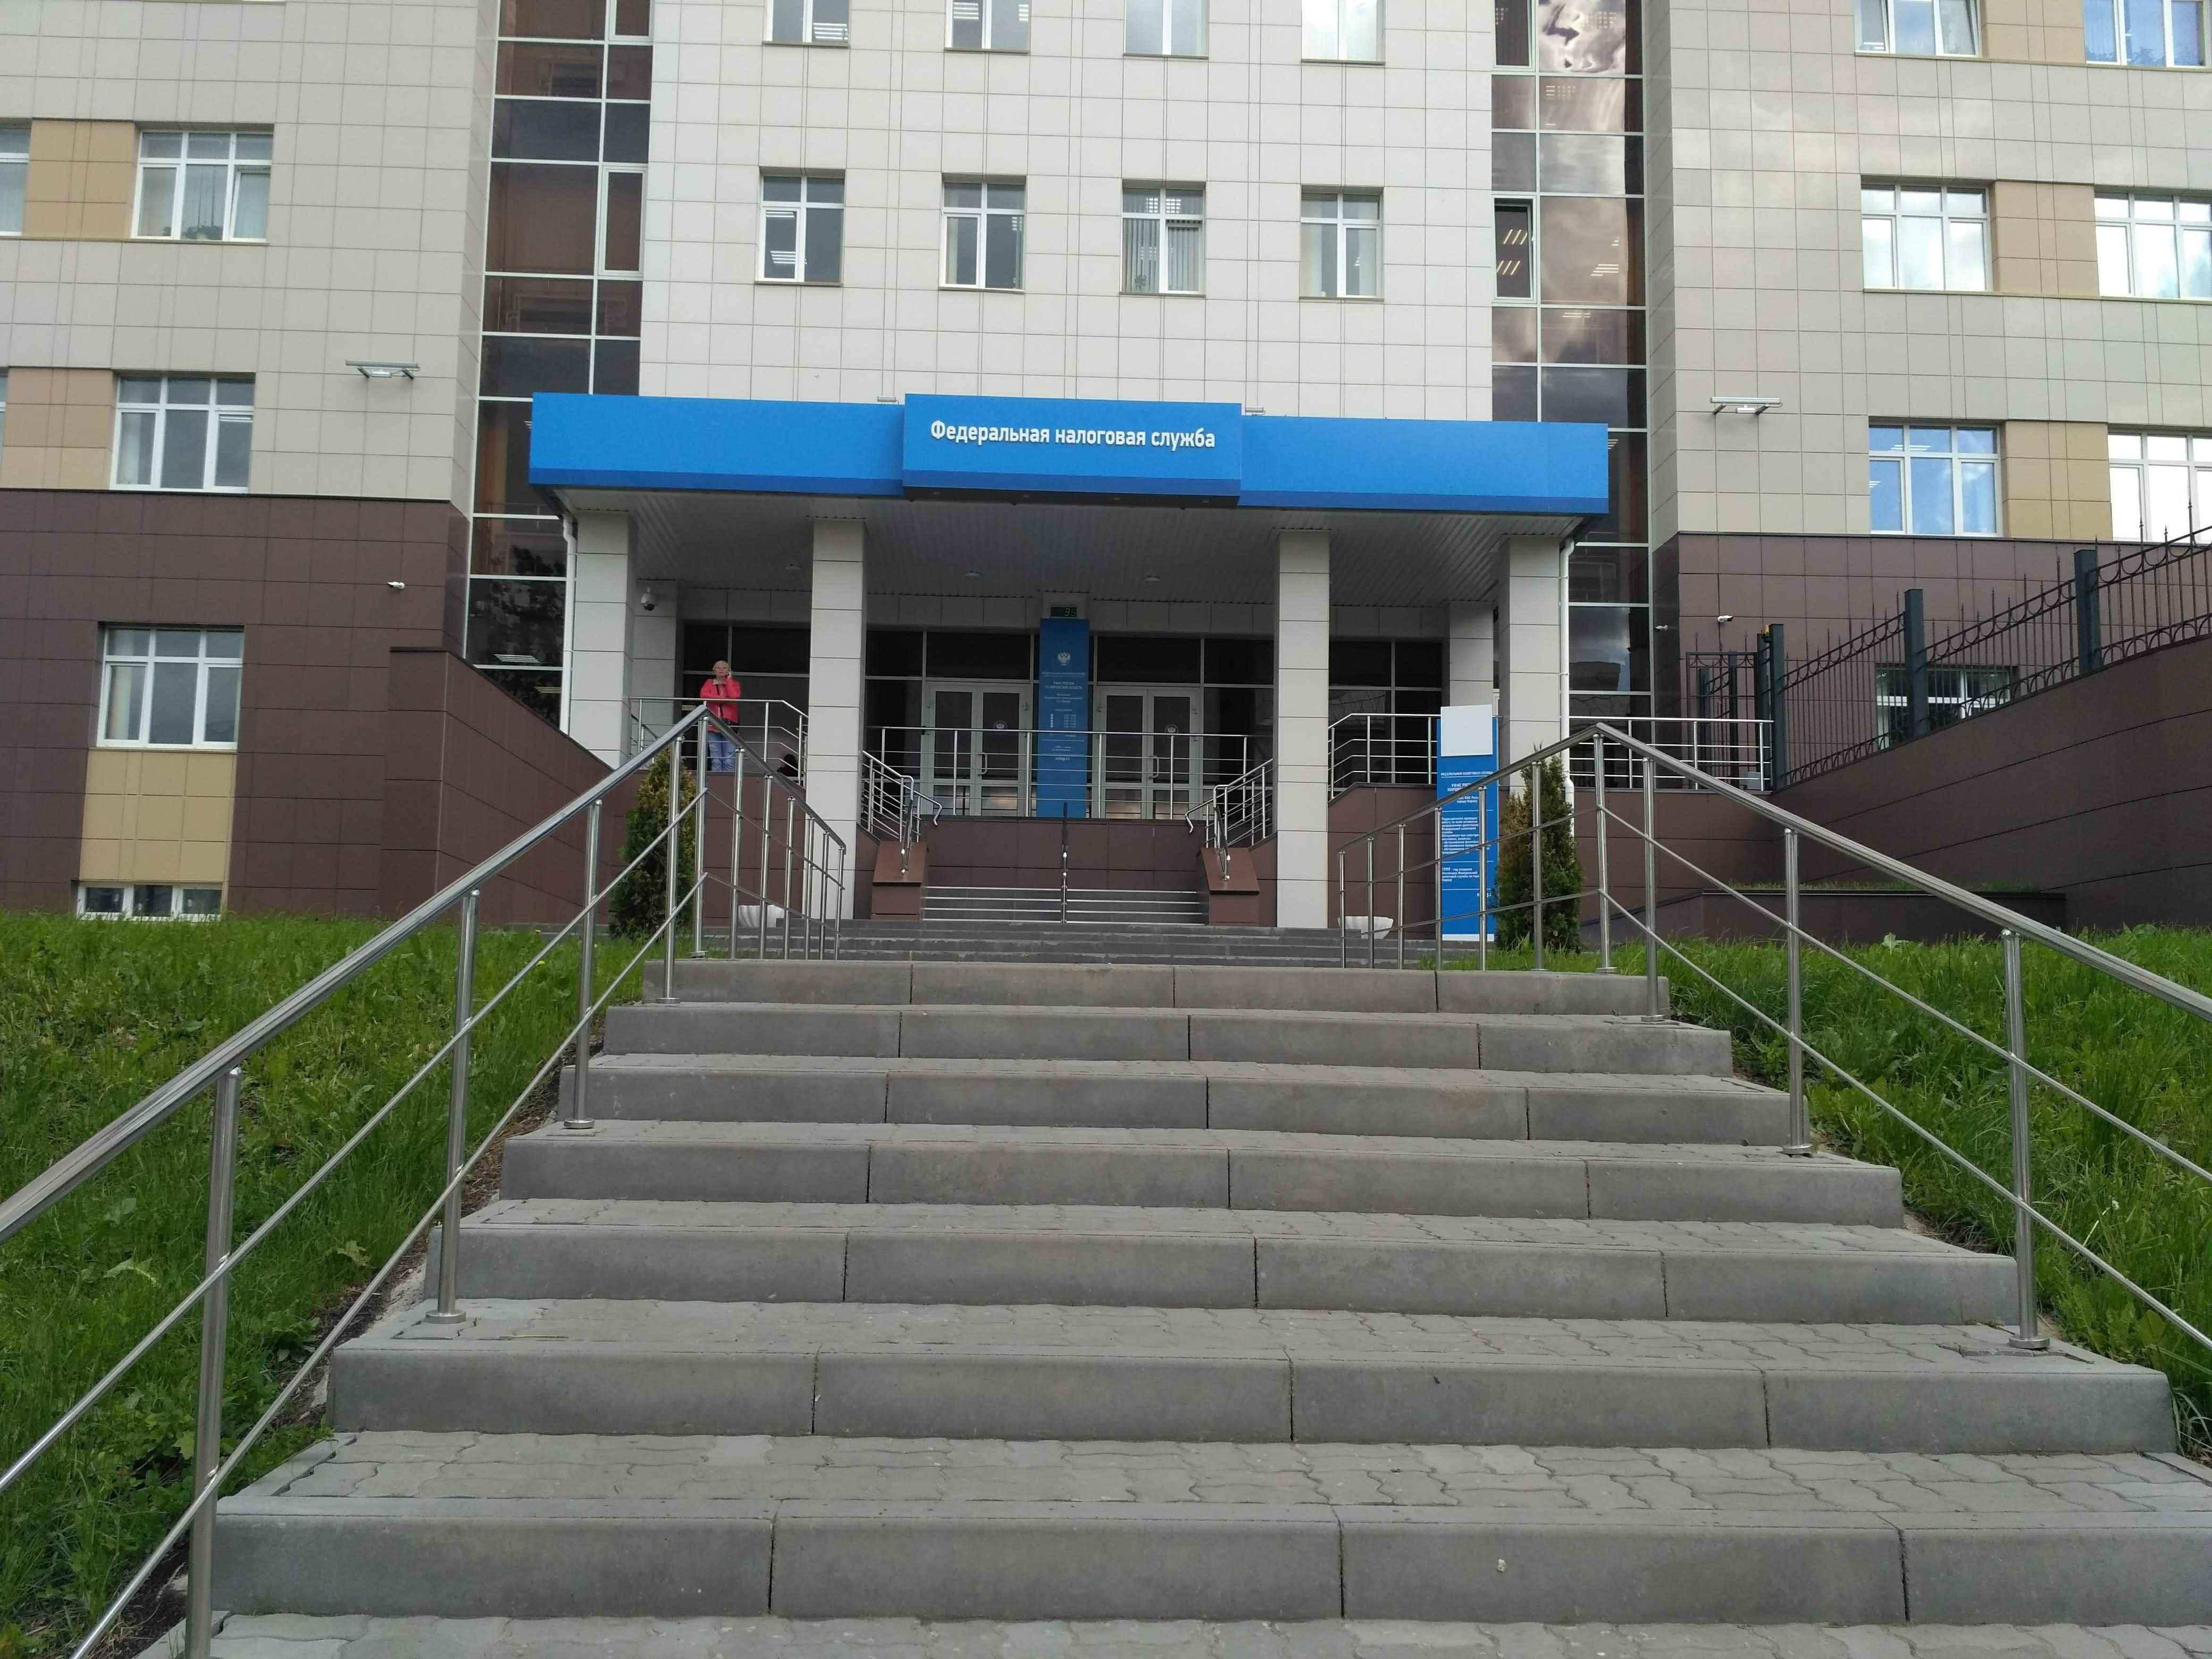 Не все кировские госучреждения доступны для маломобильных граждан